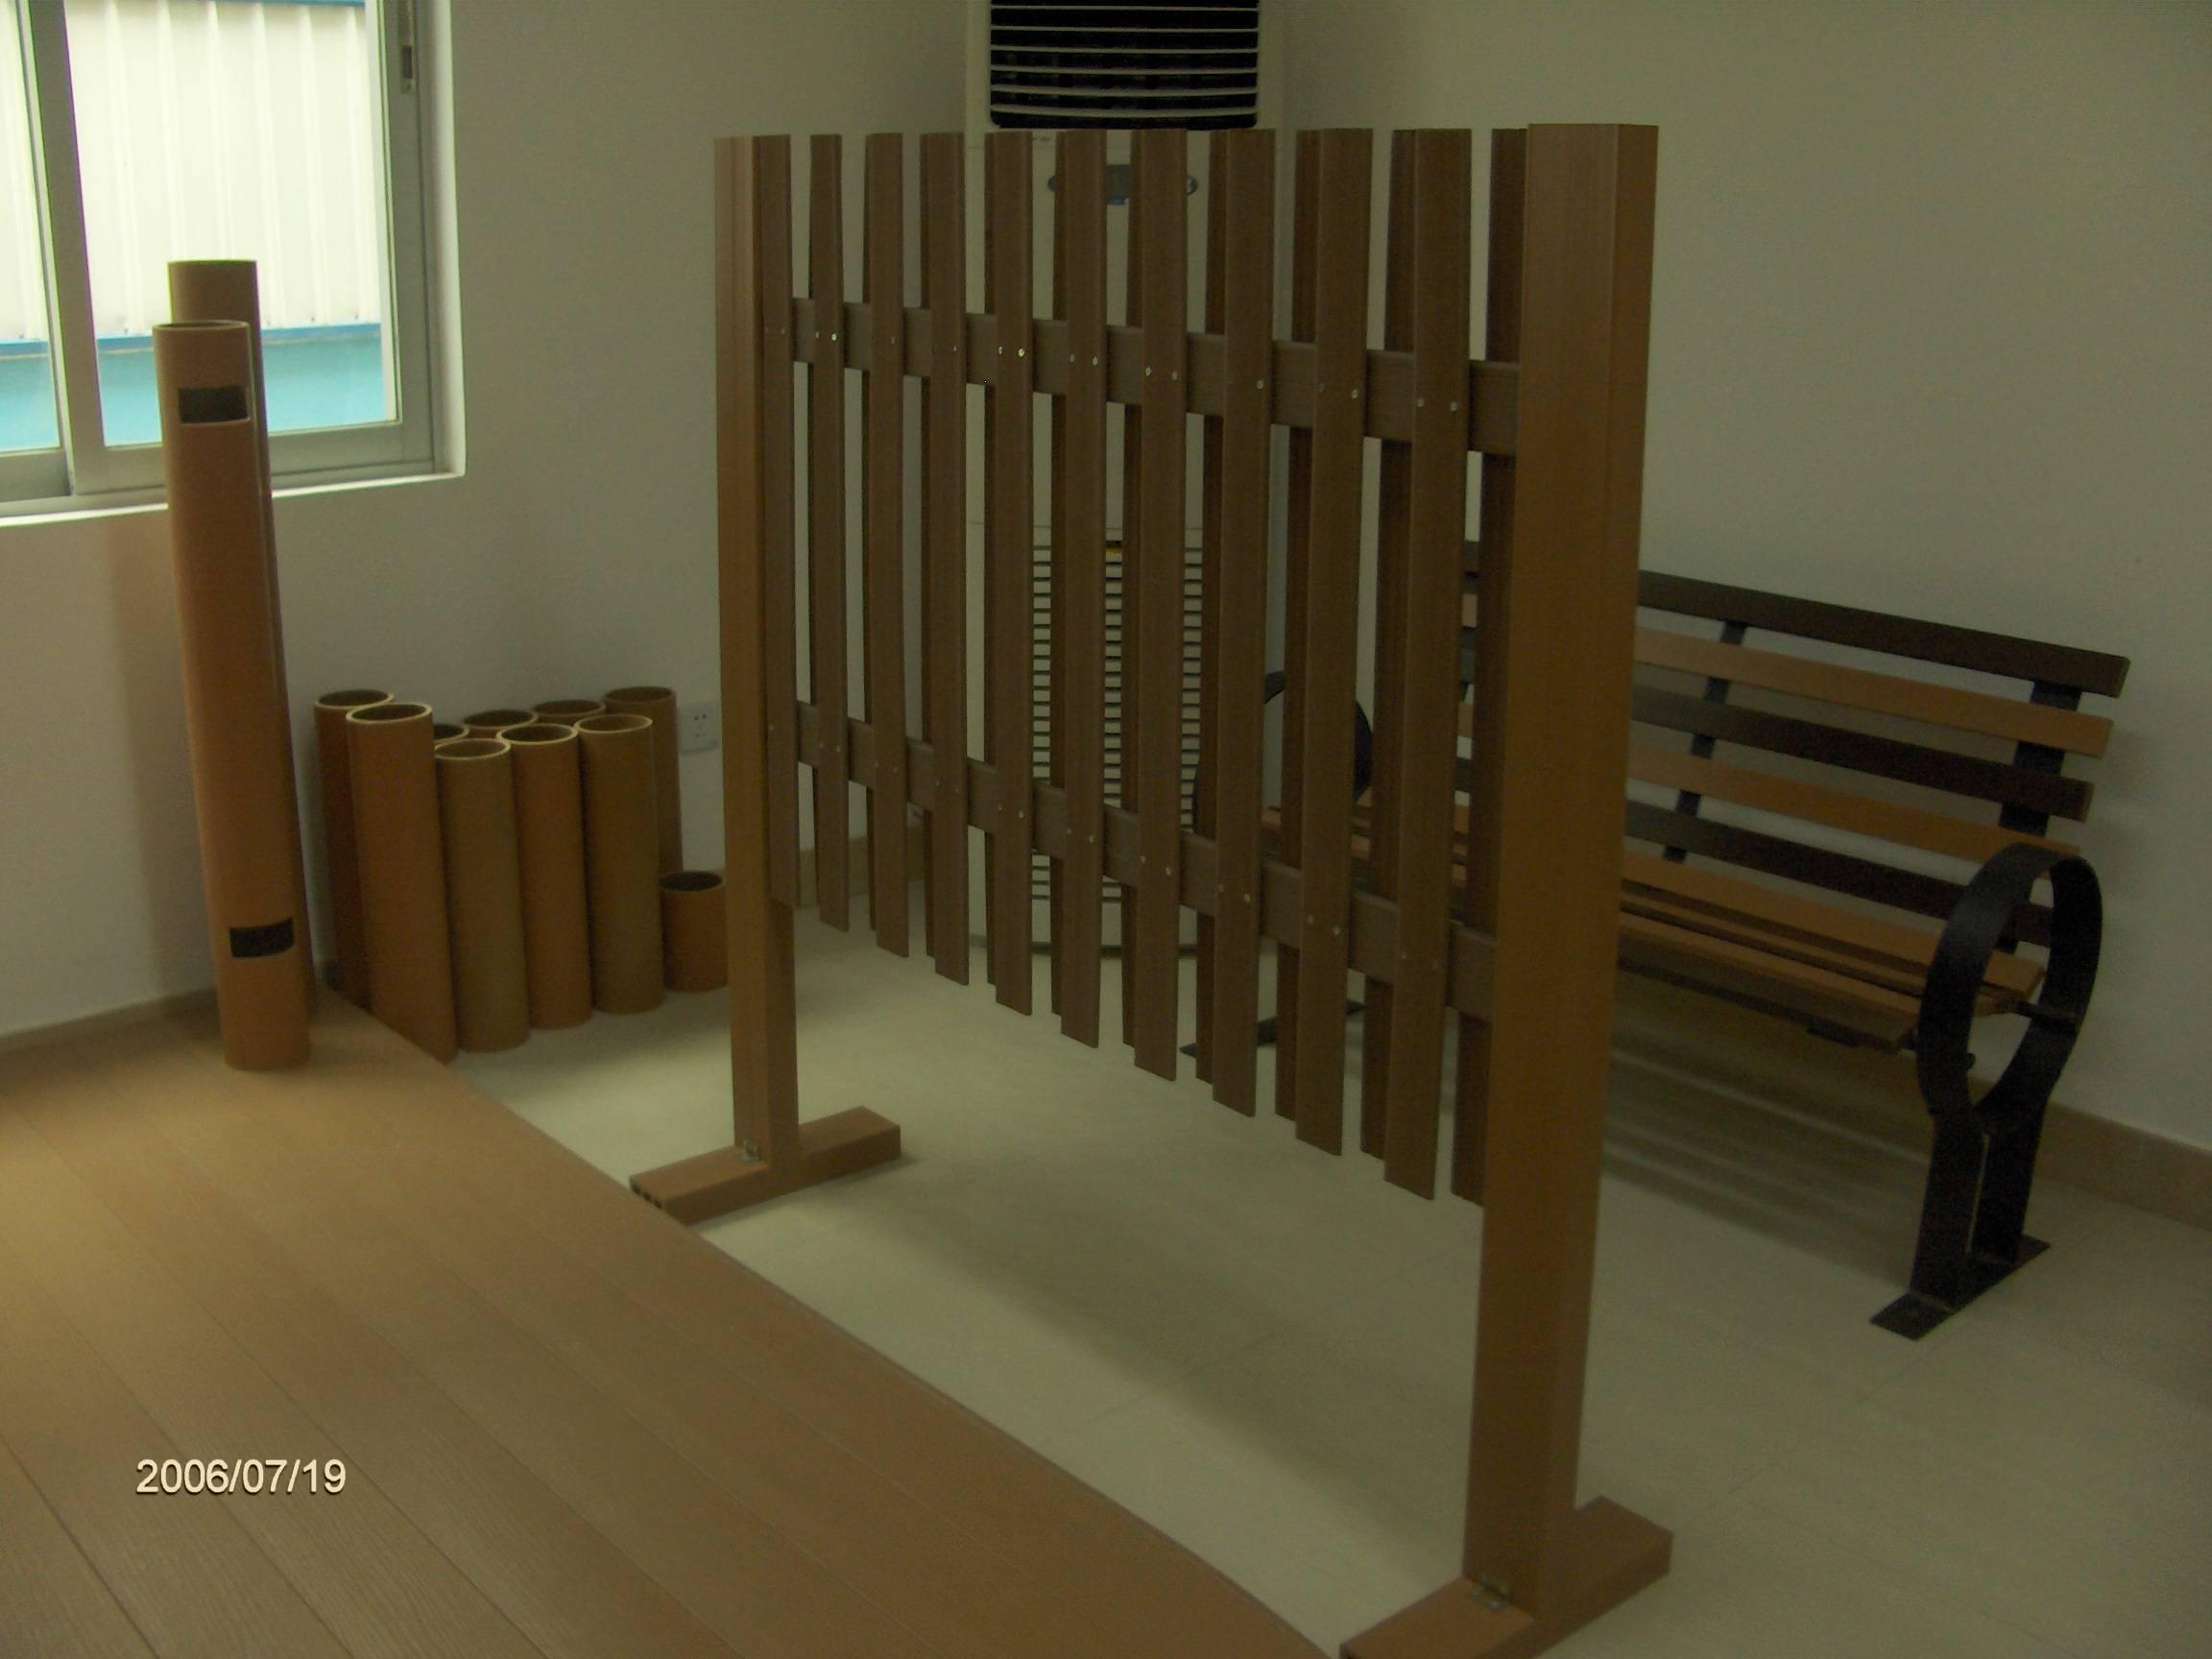 防腐木及木塑 - 伊珞维节能环保材料